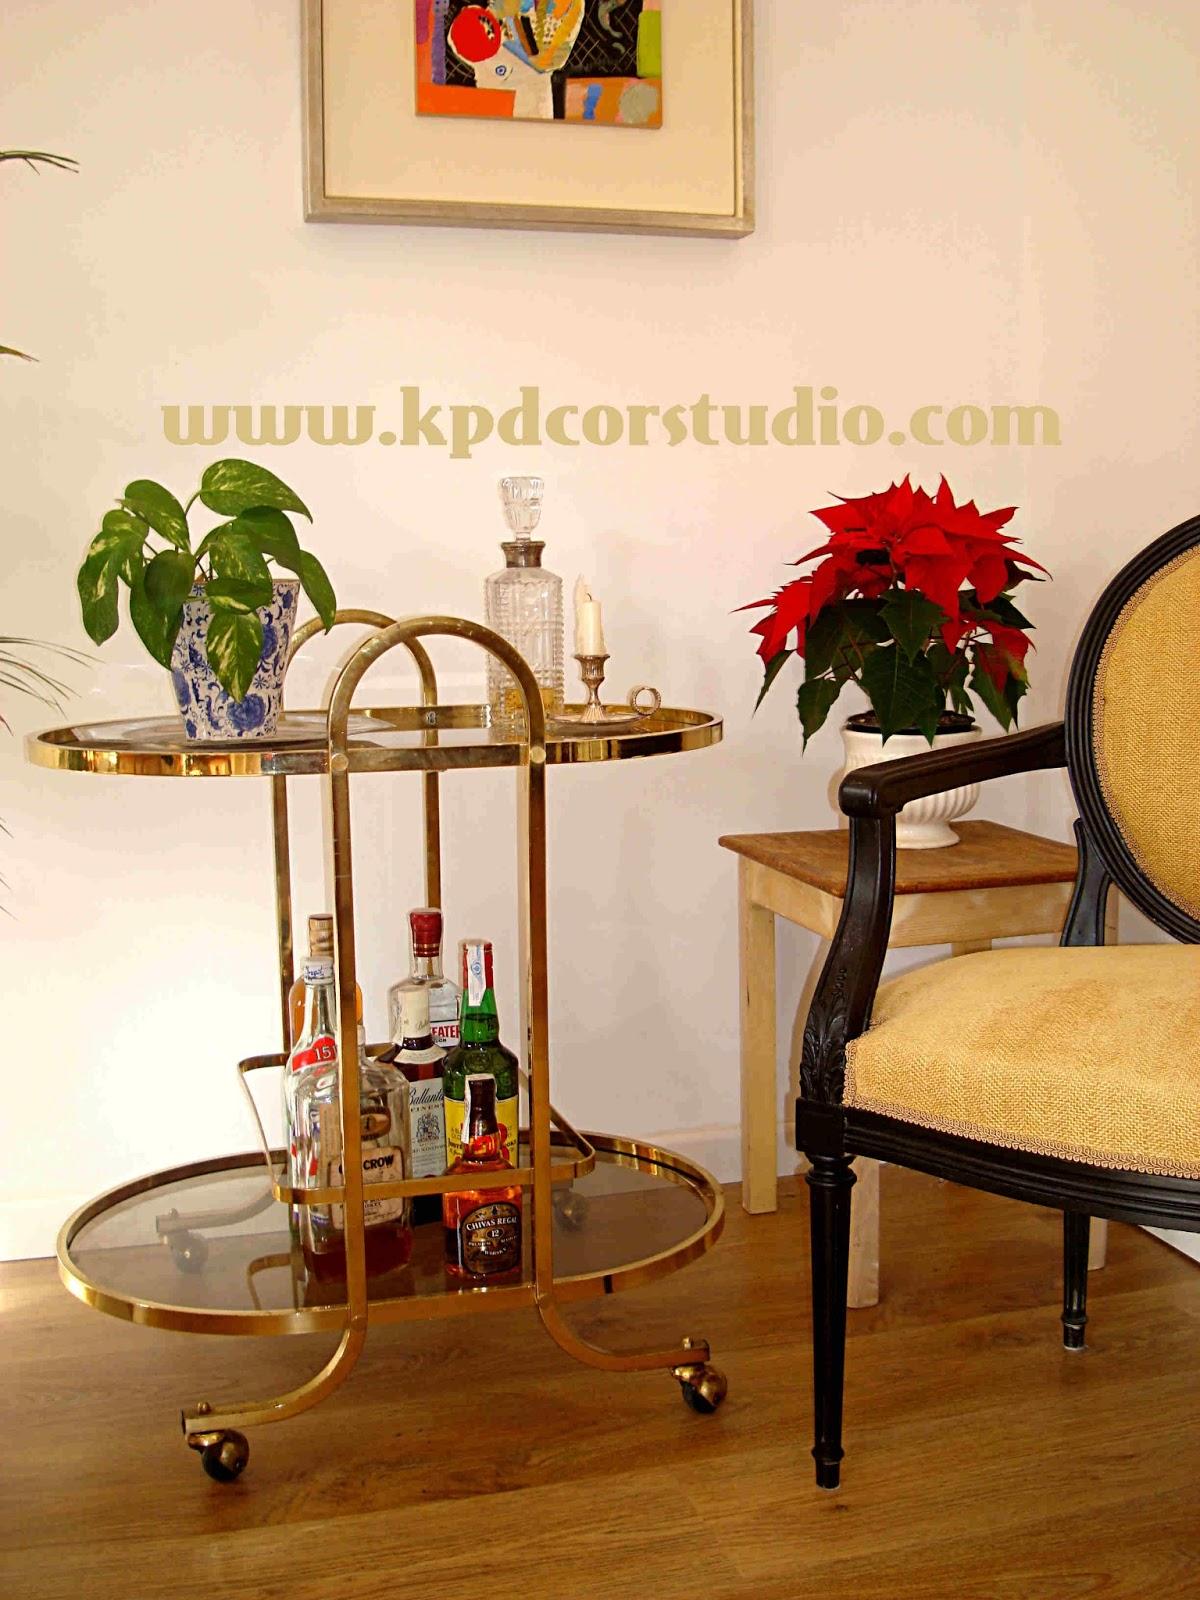 Kp tienda vintage online camarera antigua ba ada en lat n - Camareras muebles auxiliares ...